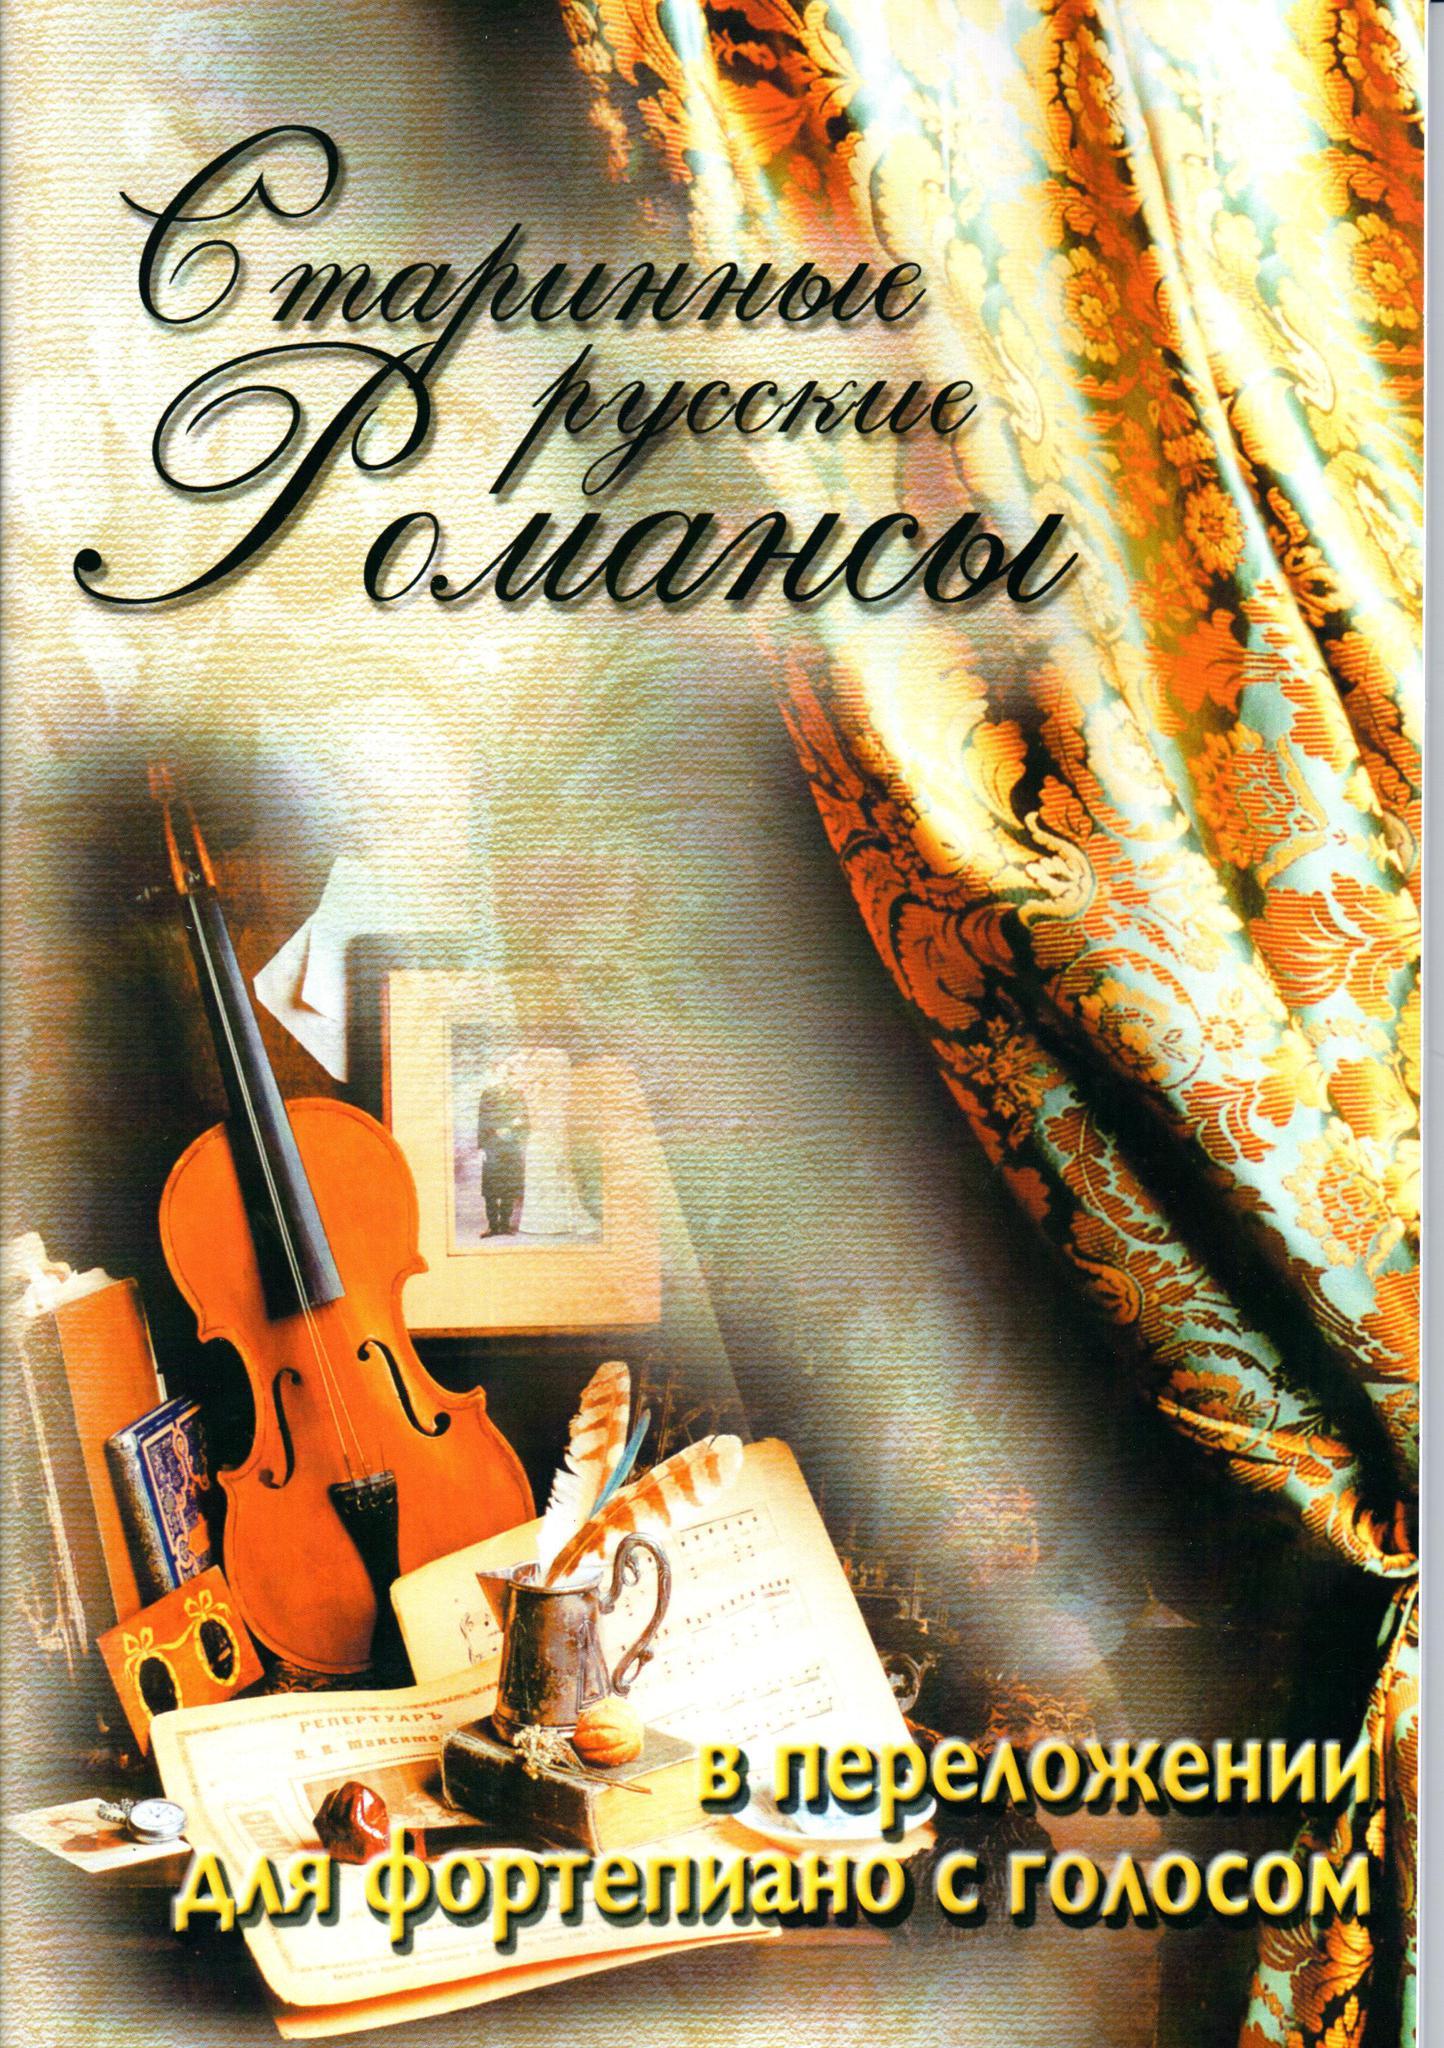 Катанский В. М. Старинные русские романсы в переложение для фортепиано с голосом.